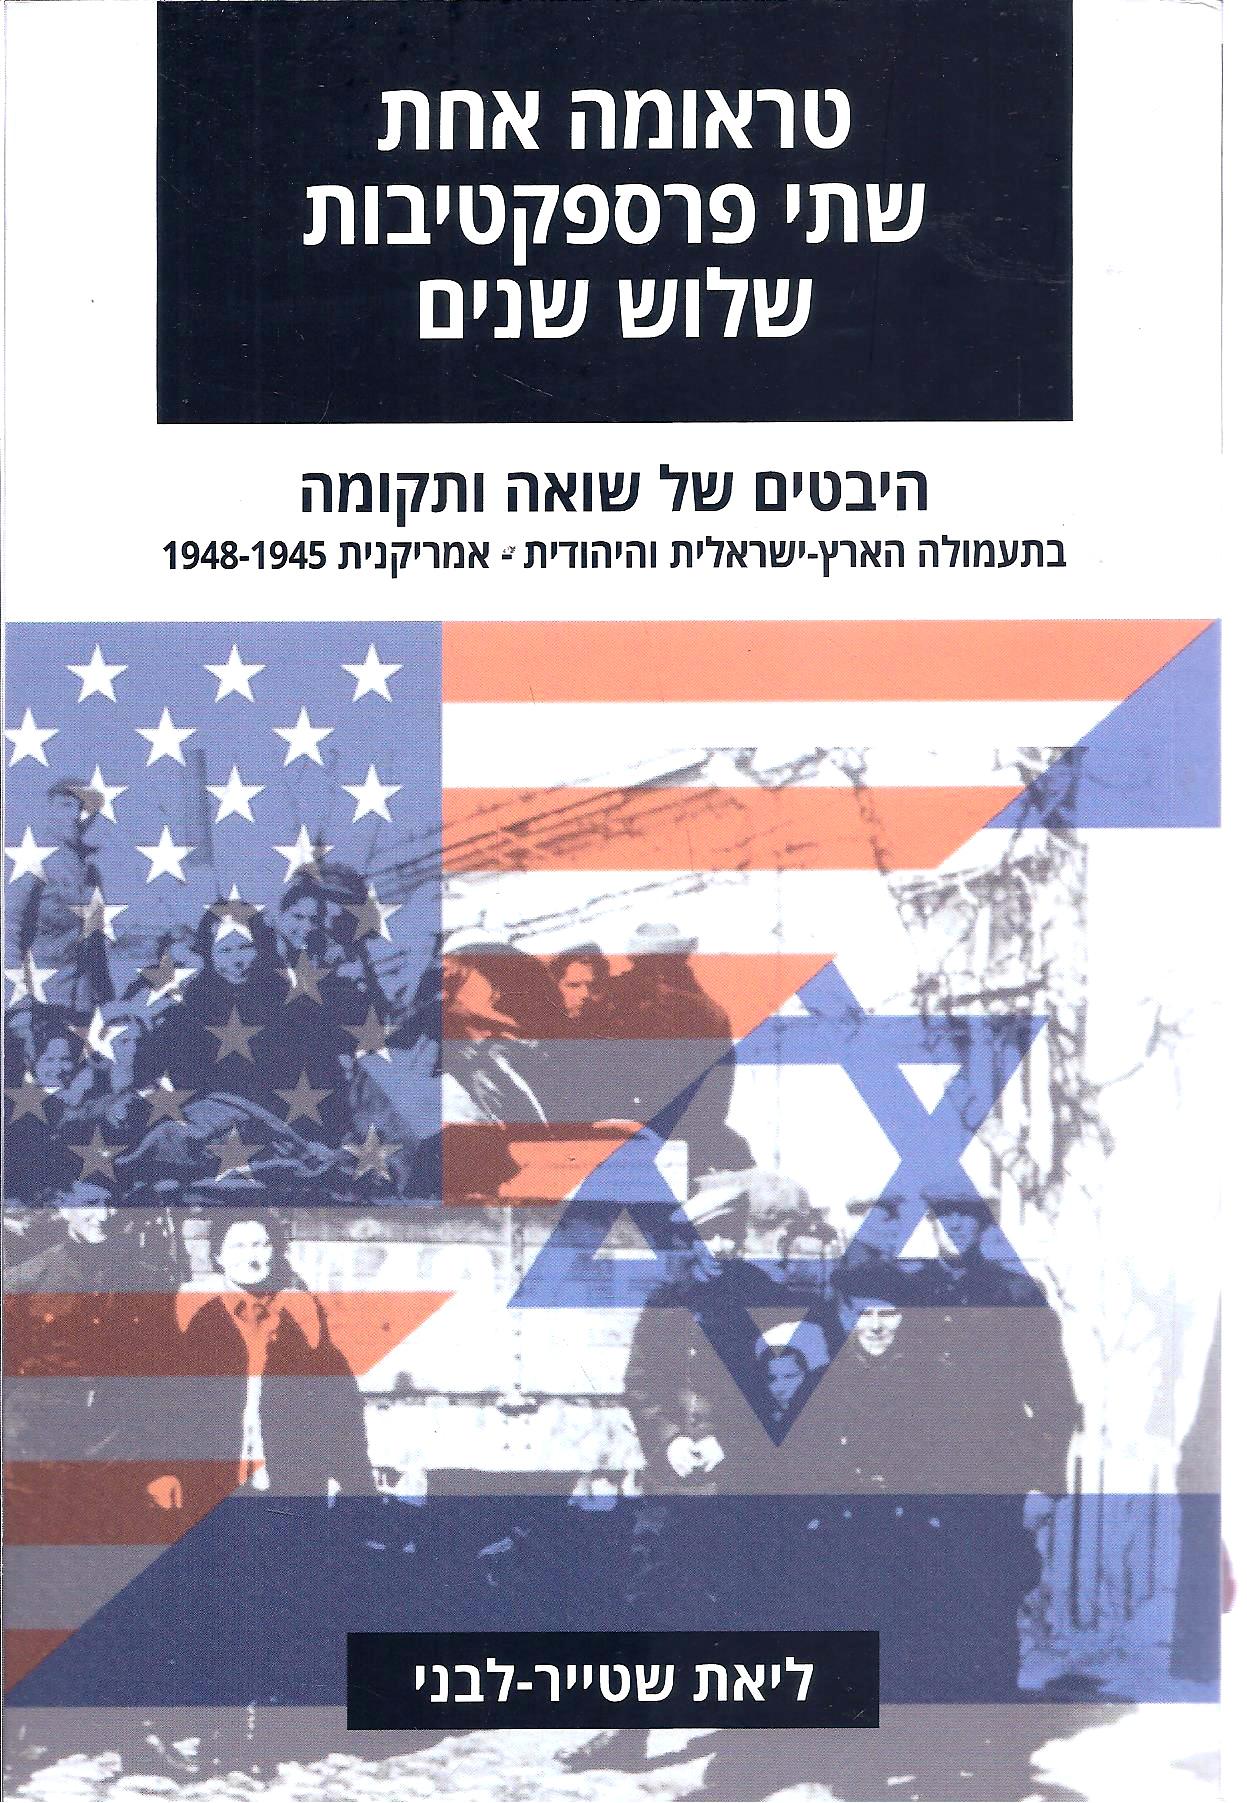 טראומה אחת, שתי פרספקטיבות, שלוש שנים : היבטים של שואה ותקומה בתעמולה הארץ-ישראלית והיהודית-אמריקנית 1948-1945